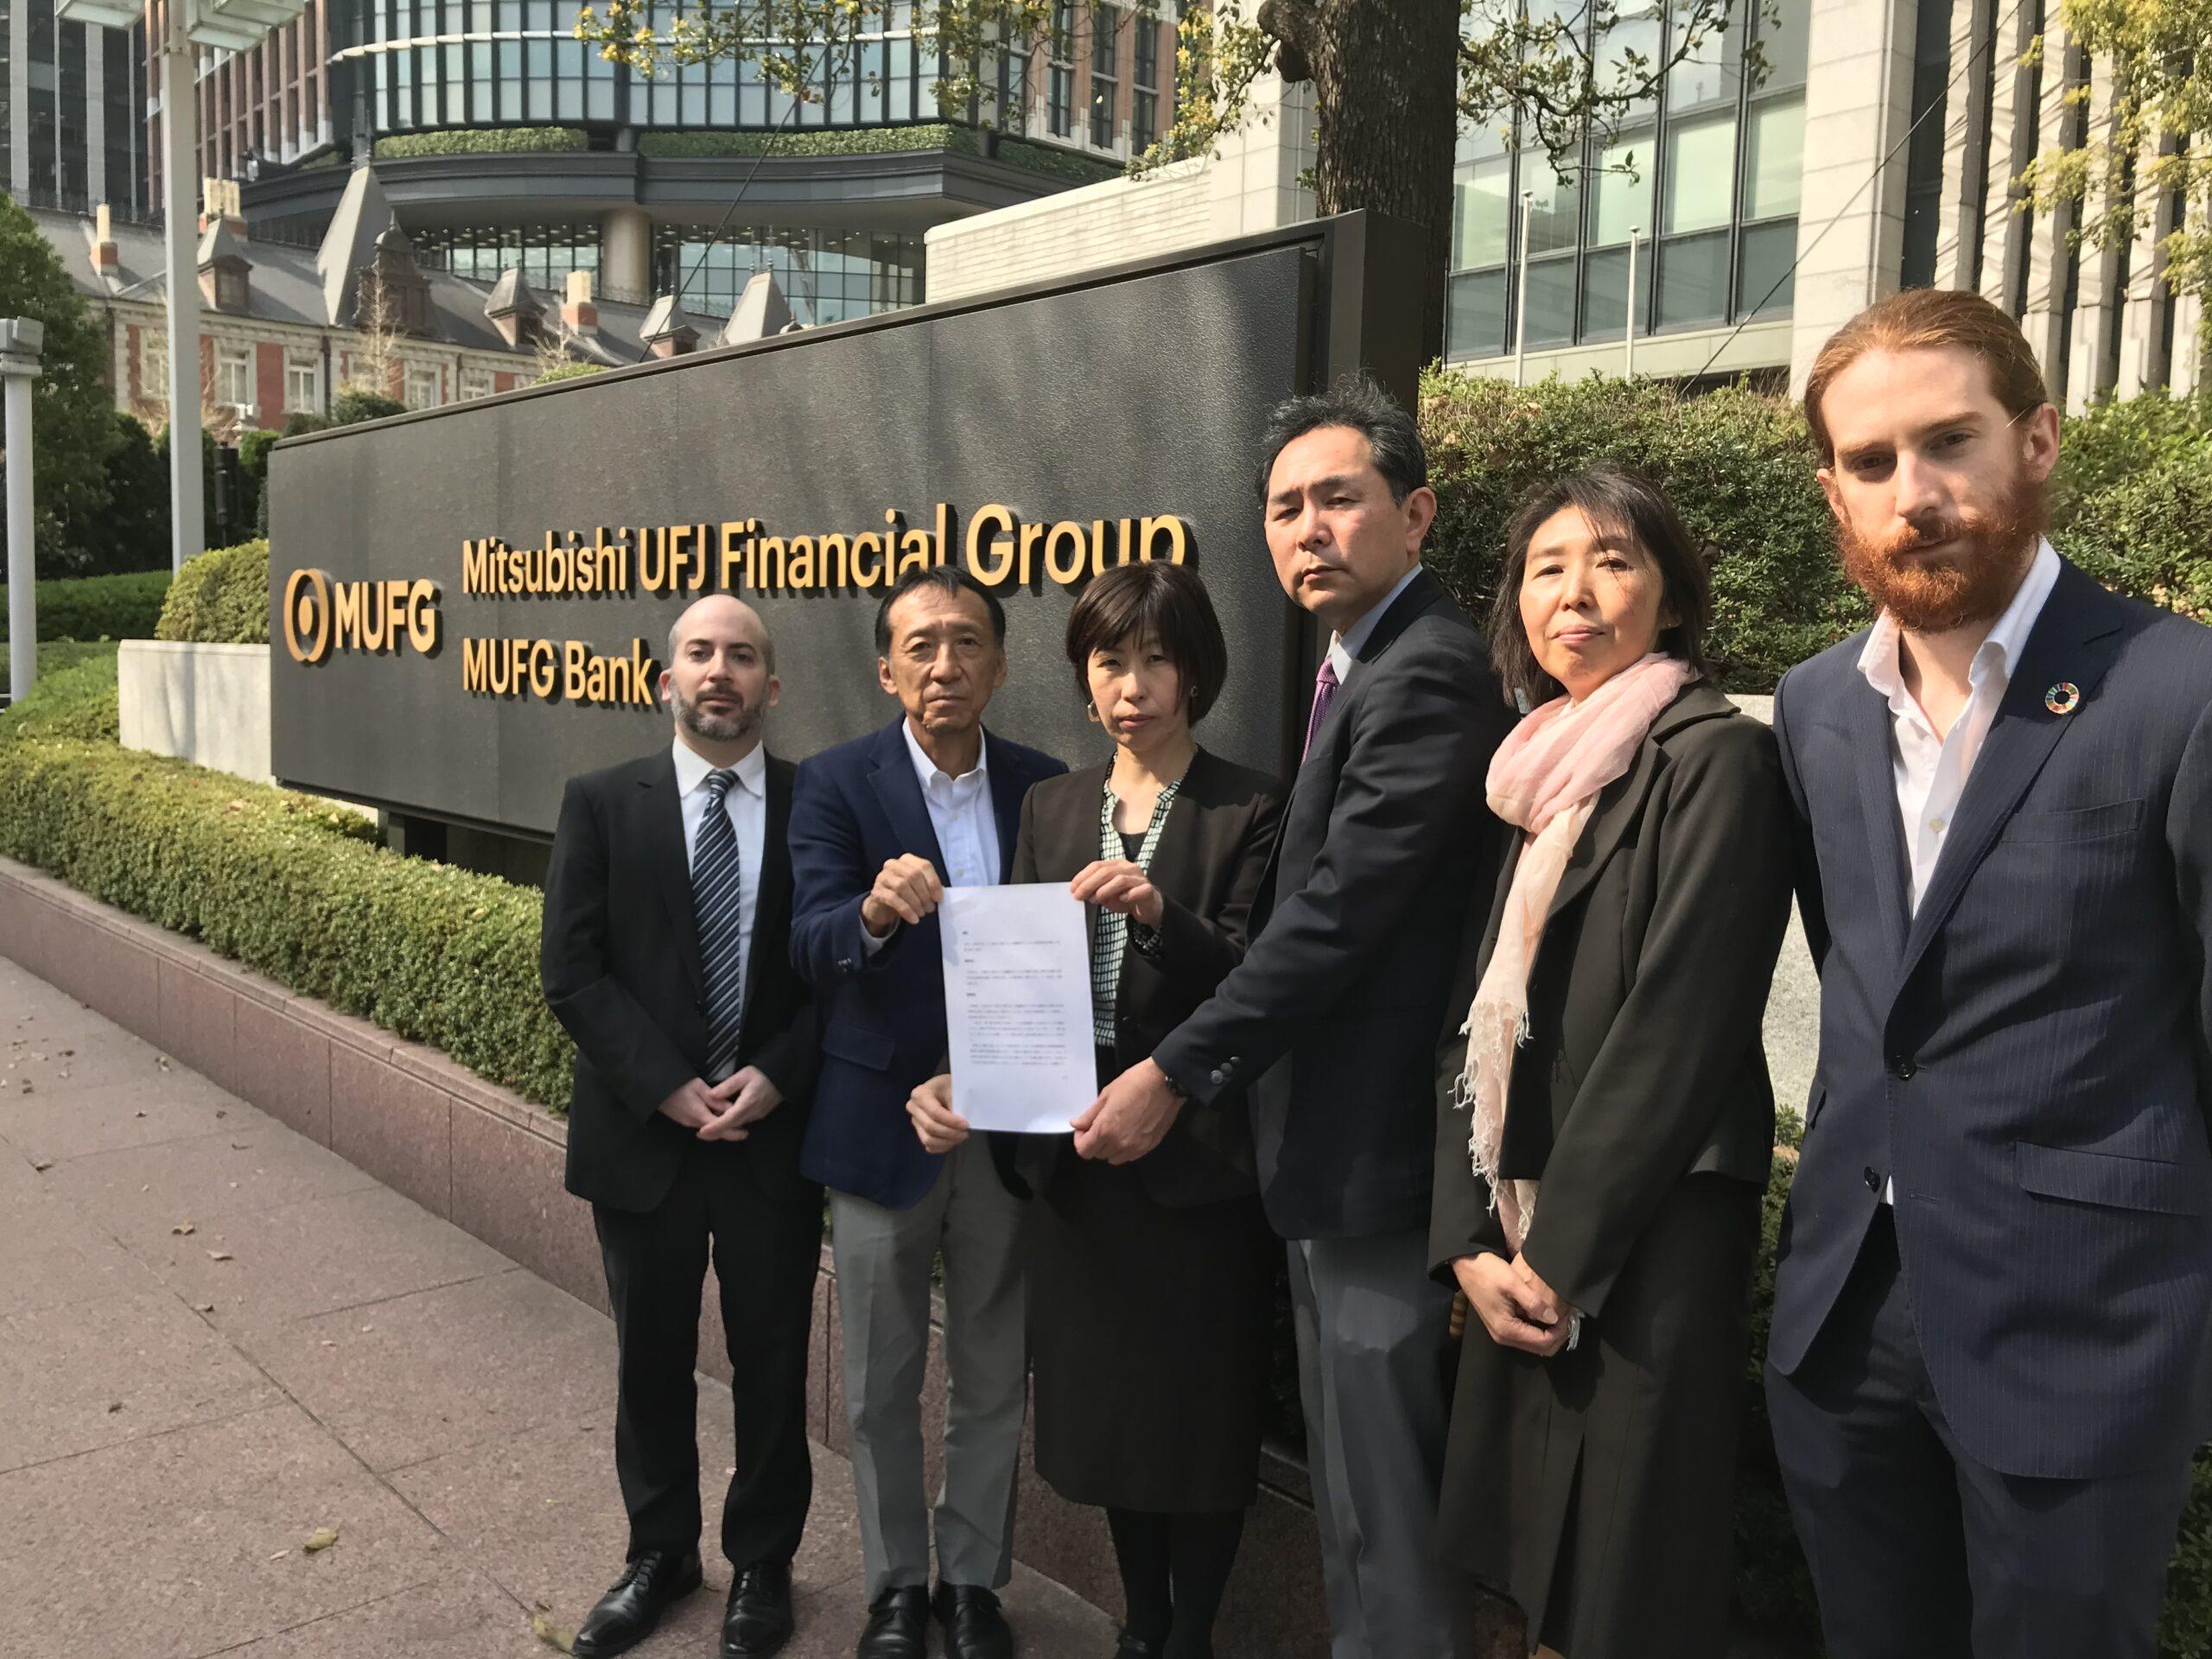 三菱UFJへ気候変動に関する株主提案を提出の概要写真